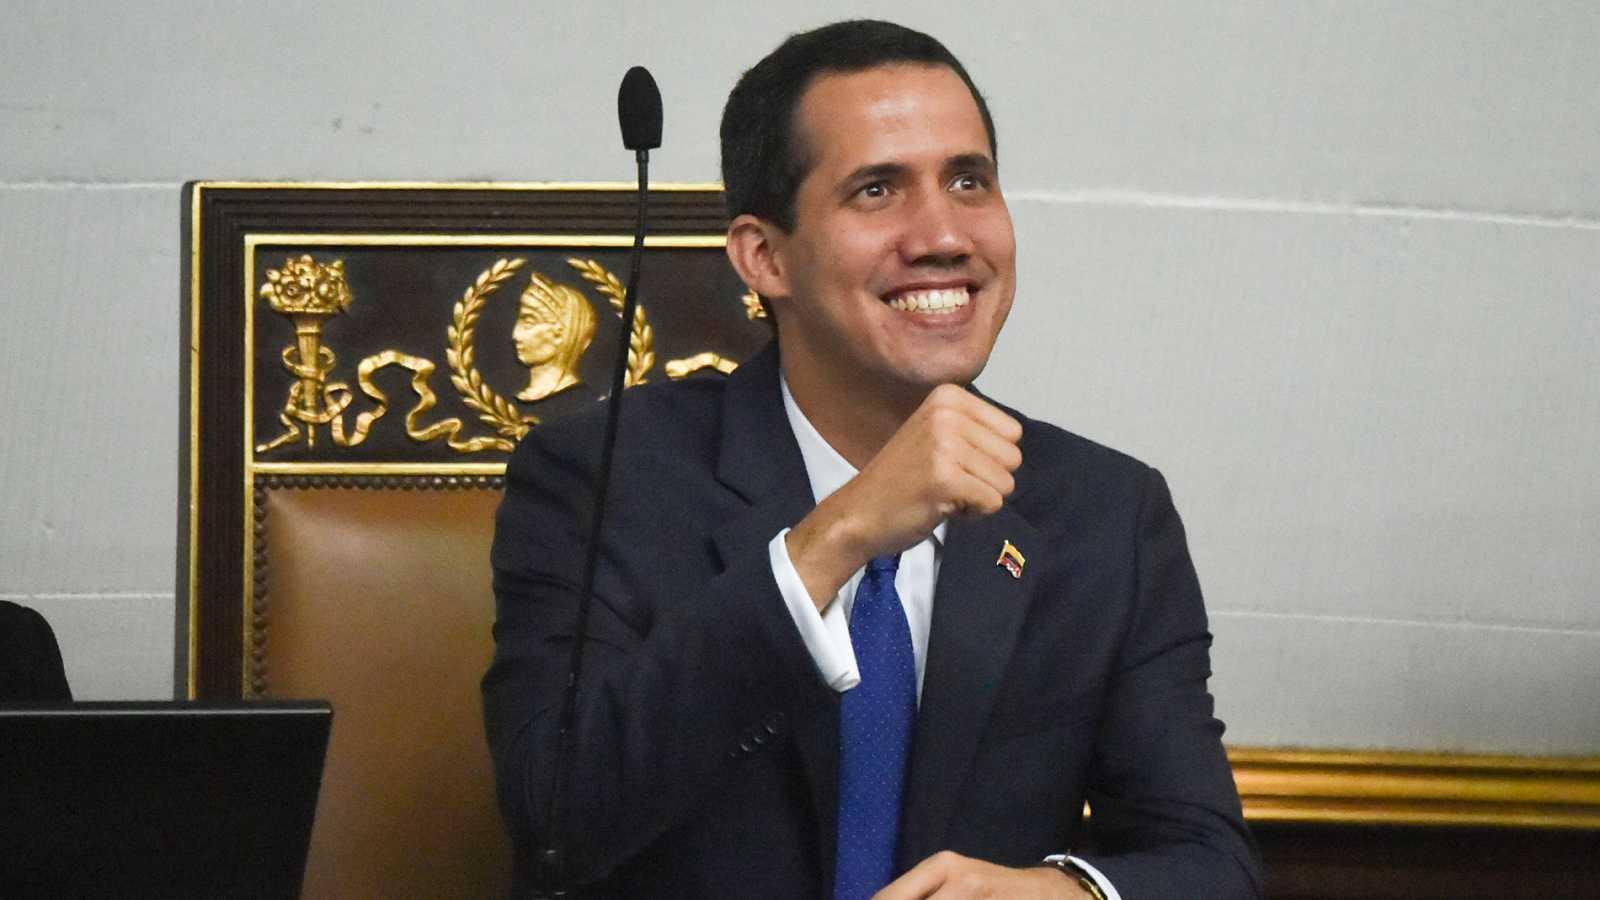 La Asamblea Nacional opositora fija la hoja de ruta para derrocar a Maduro